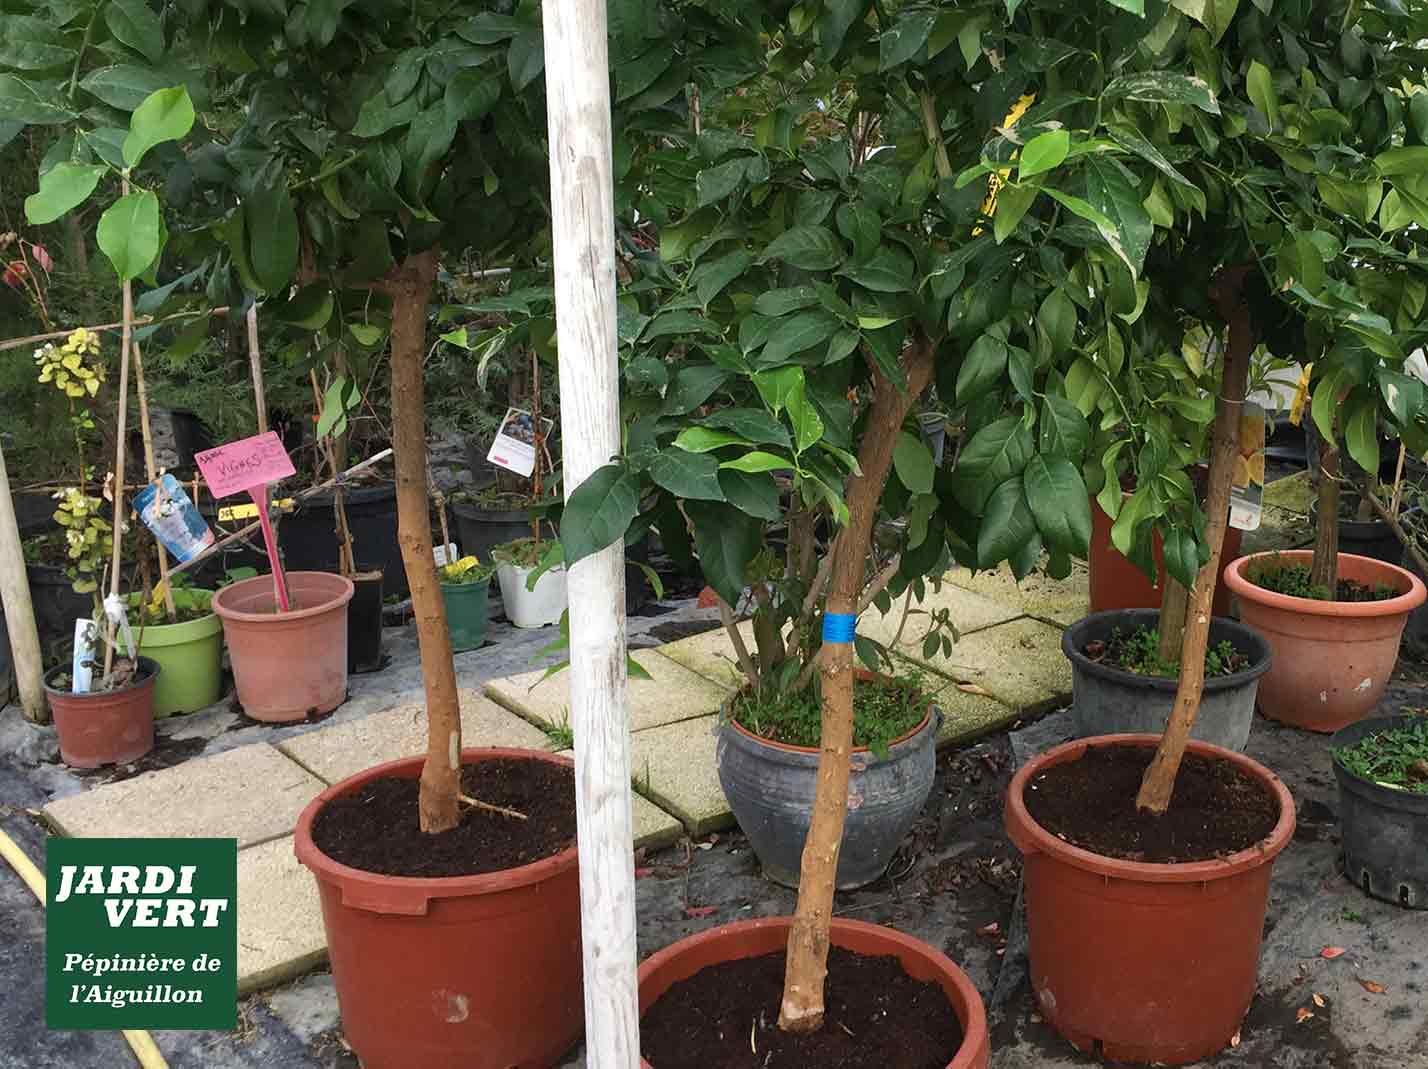 Vente d'arbres fruitiers et d'agrumes, citronniers, orangers... Jardinerie de l'Aiguillon Toulouse